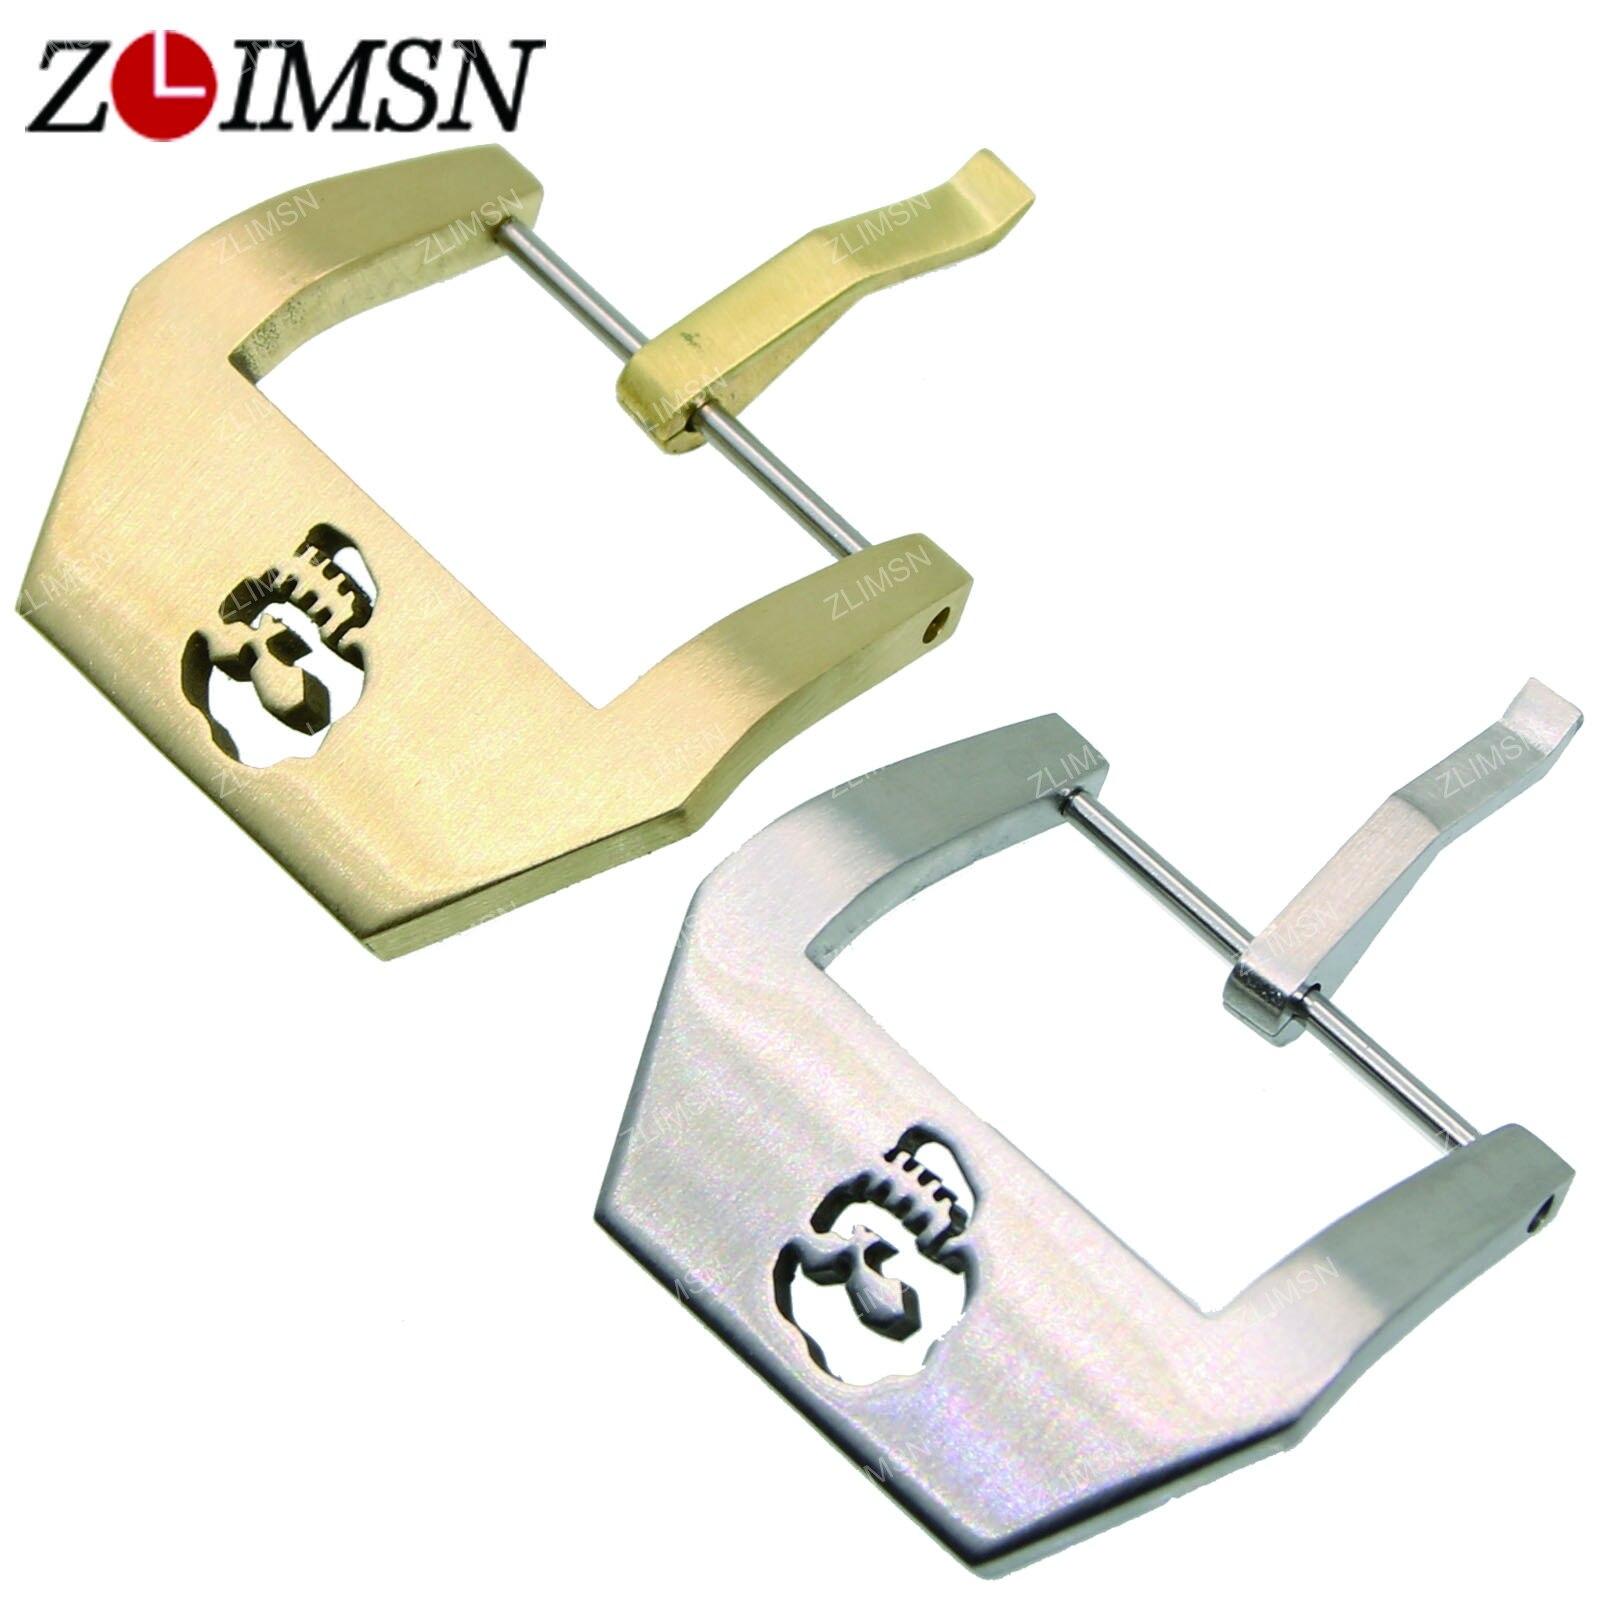 Prix pour ZLIMSN Bracelets Argent Noir Cuivre Boucle En Acier Inoxydable Bande de Montre De Fermoir de Remplacement De Réparation Outil 20mm 22mm 24mm K55